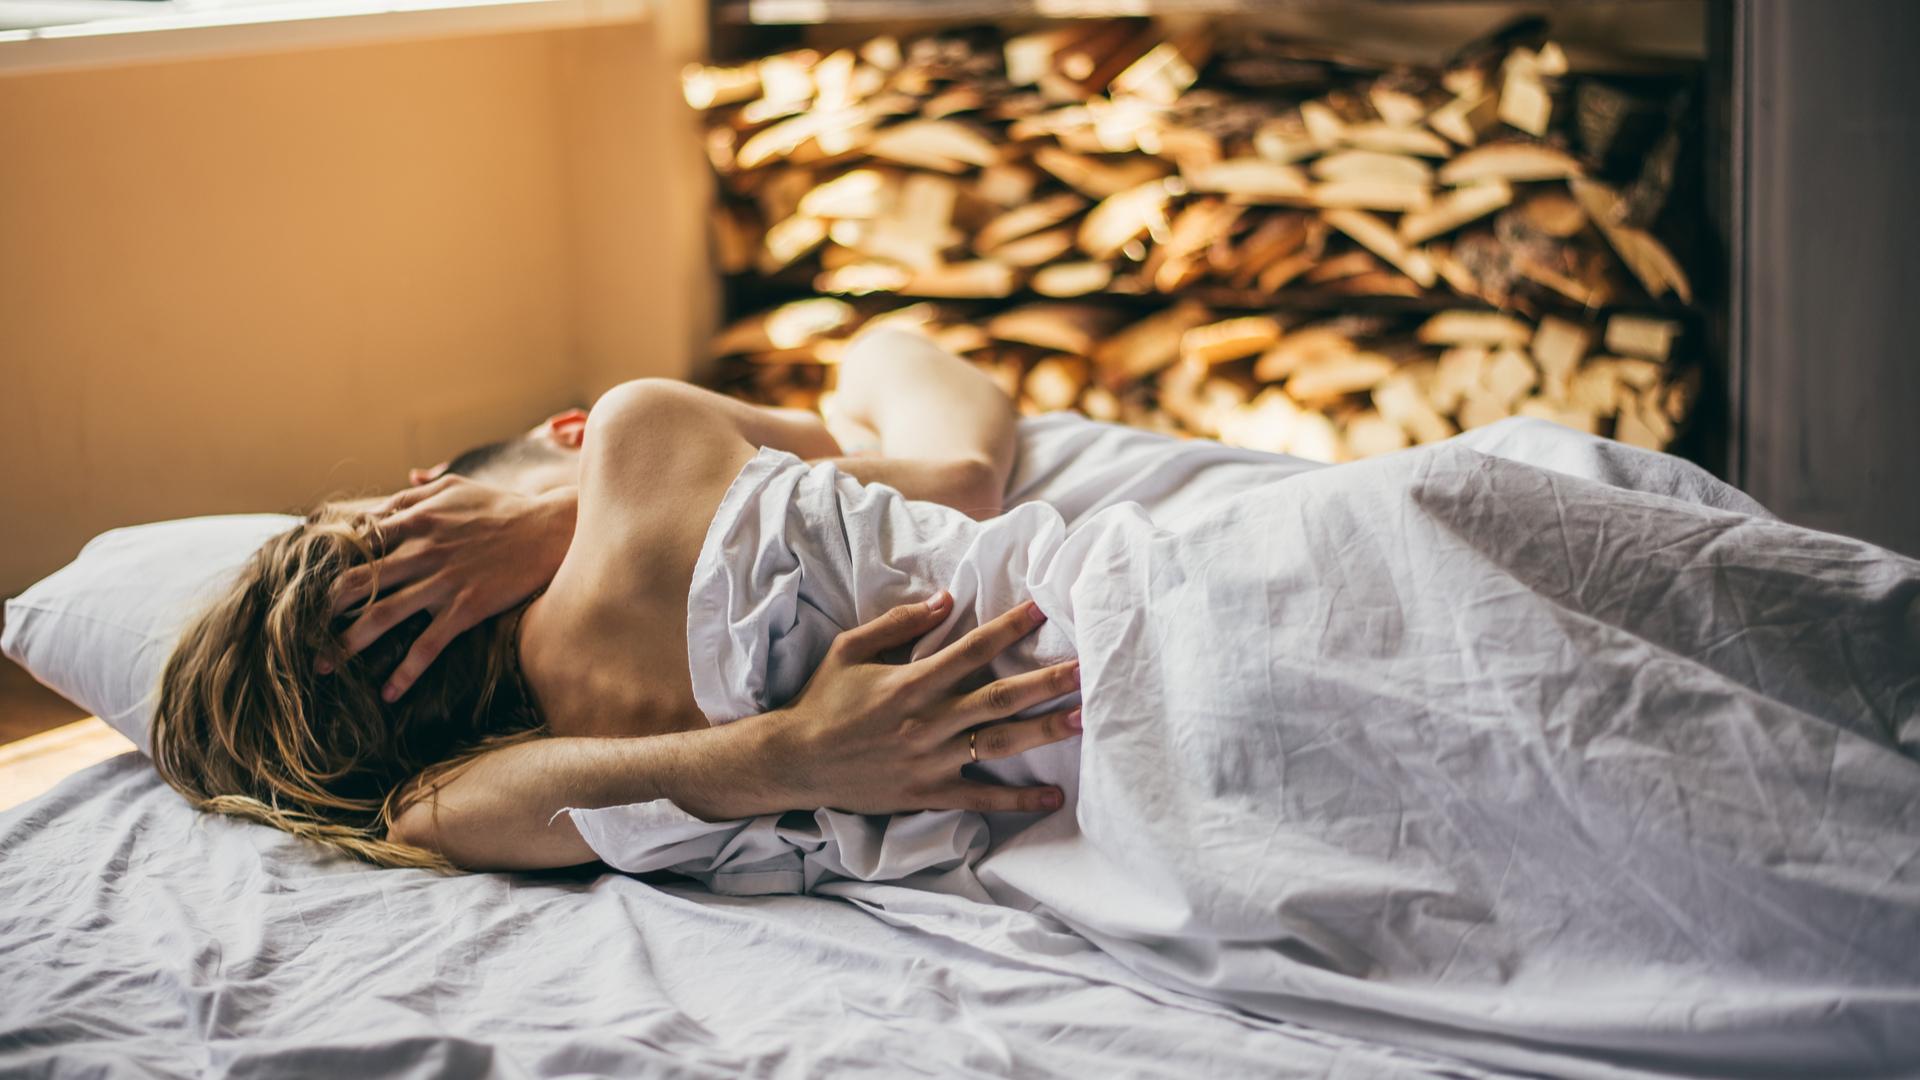 結婚後に「セックスレス」になるってホント?夫達の本音は?